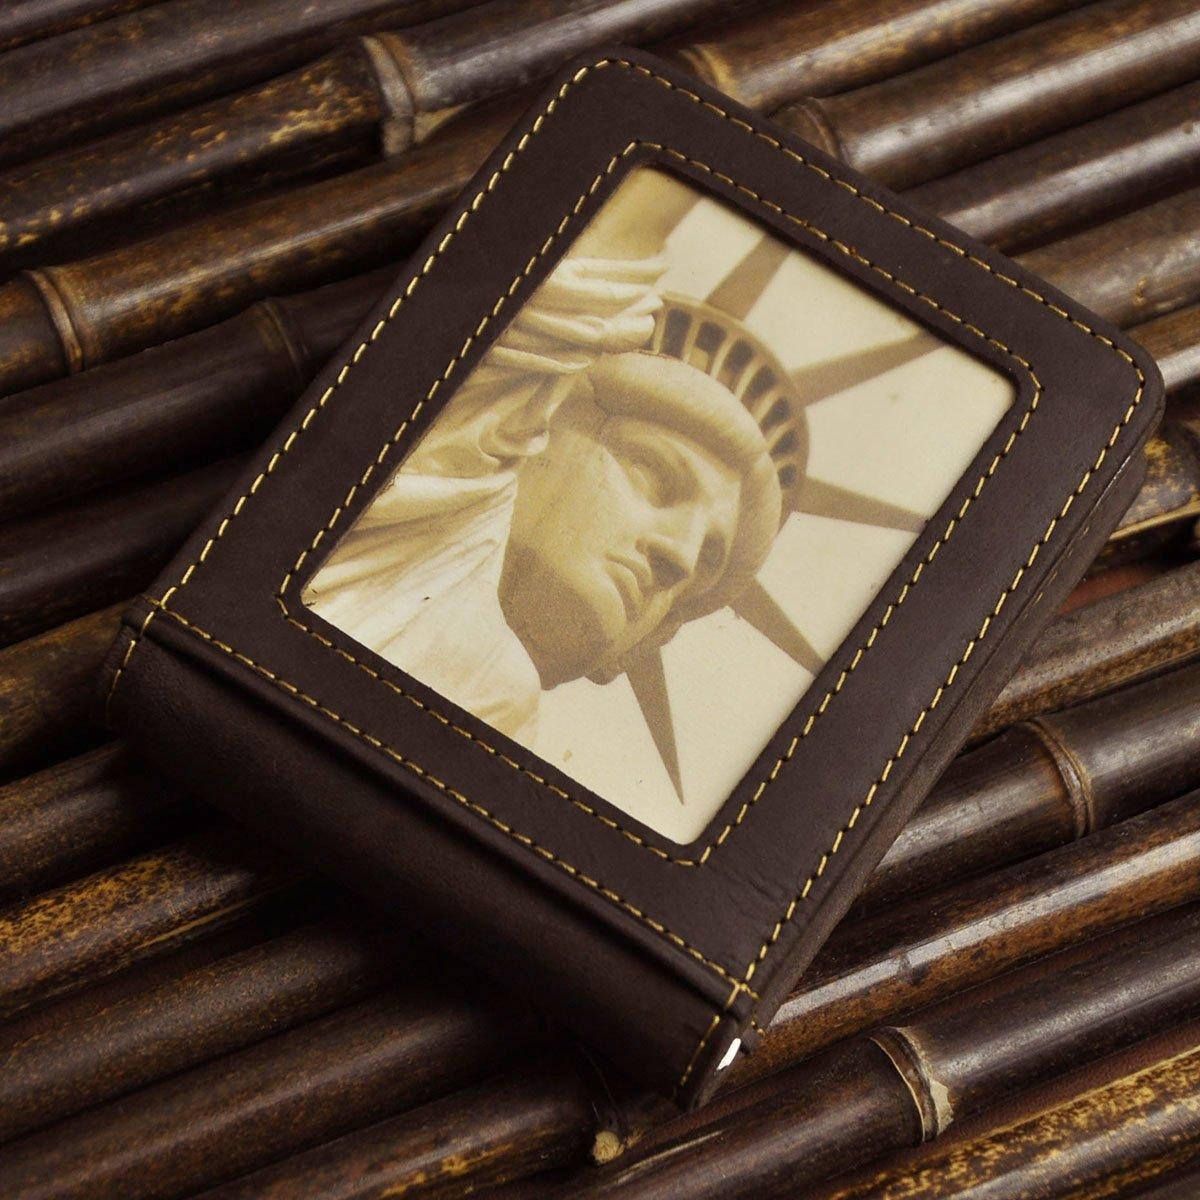 Leaokuu Mens Leather Designer Best Double Sided Slim Magnetic Money Clip Card Case Holder Organizer Front Pocket Wallet